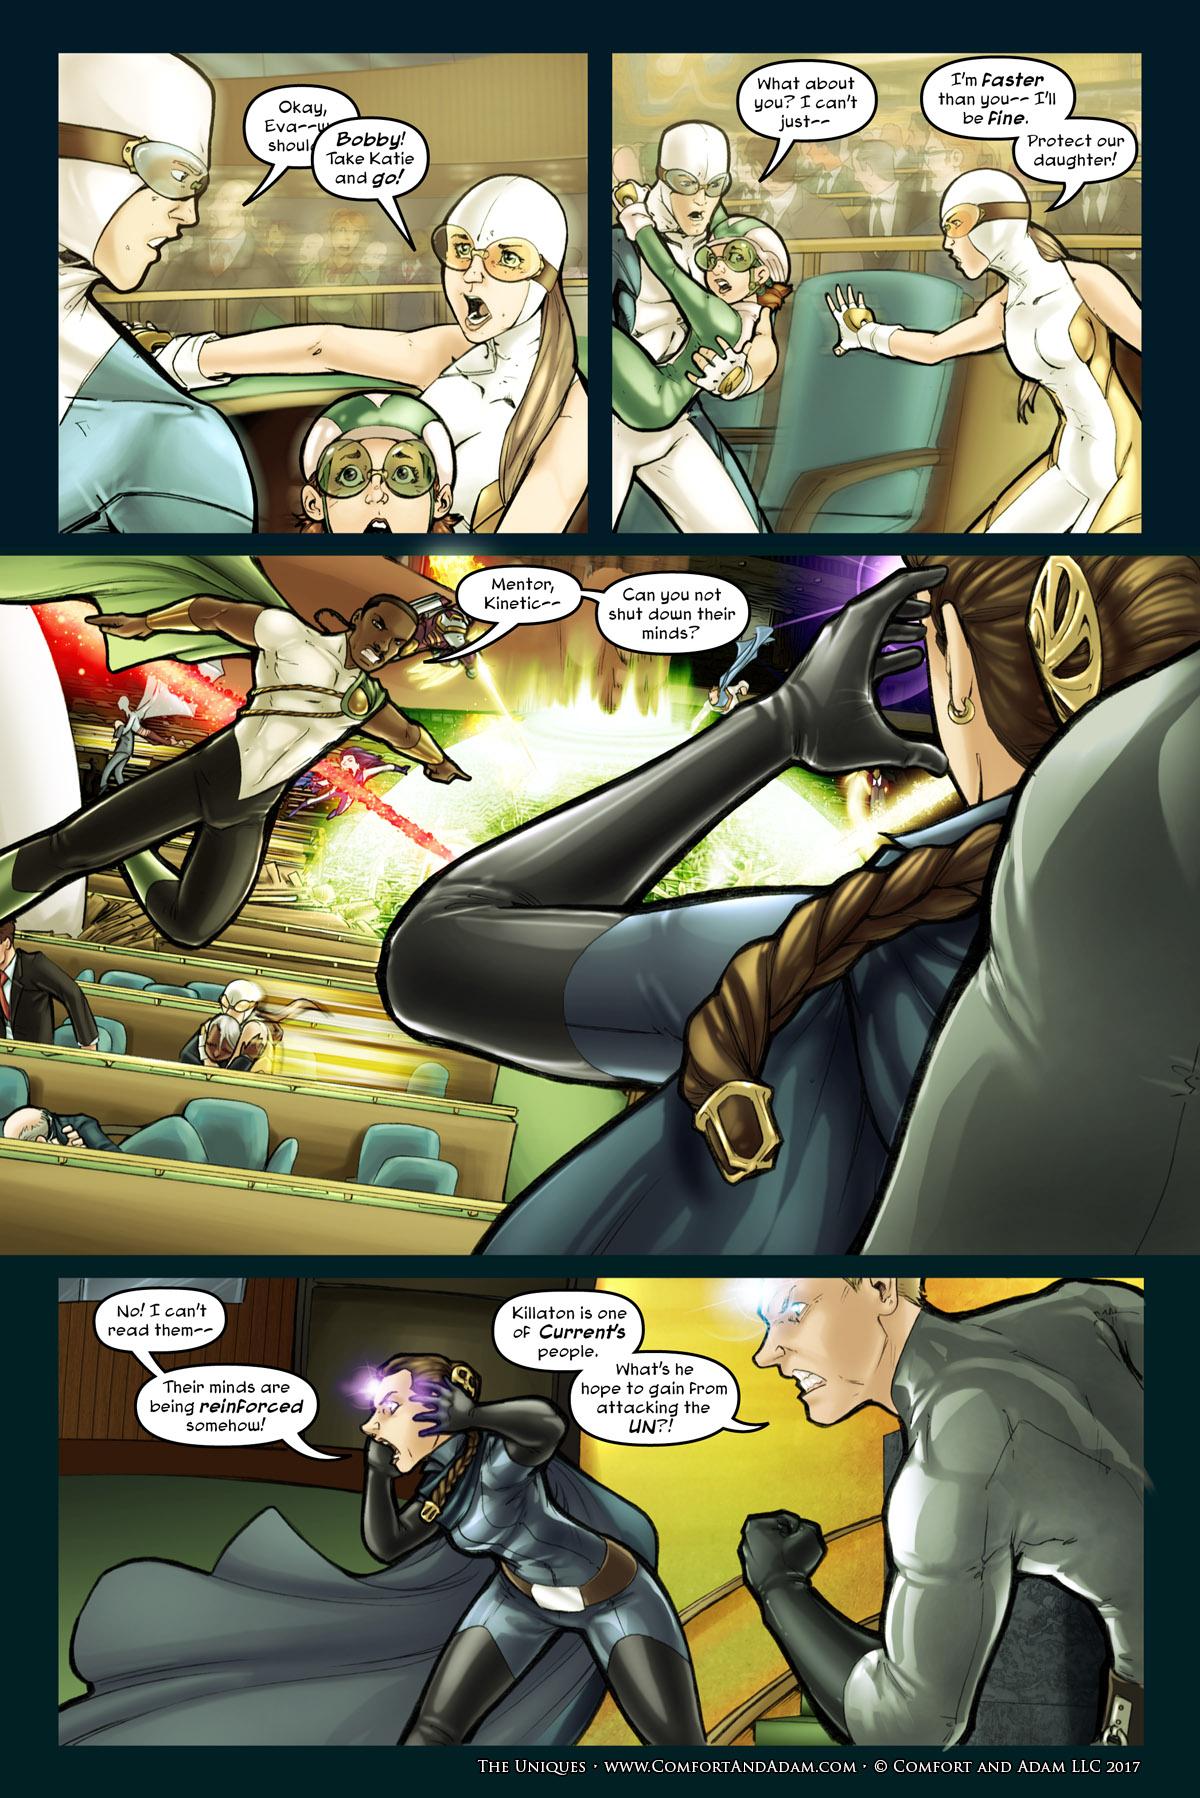 The Uniques #1 pg. 19: UN Under Attack